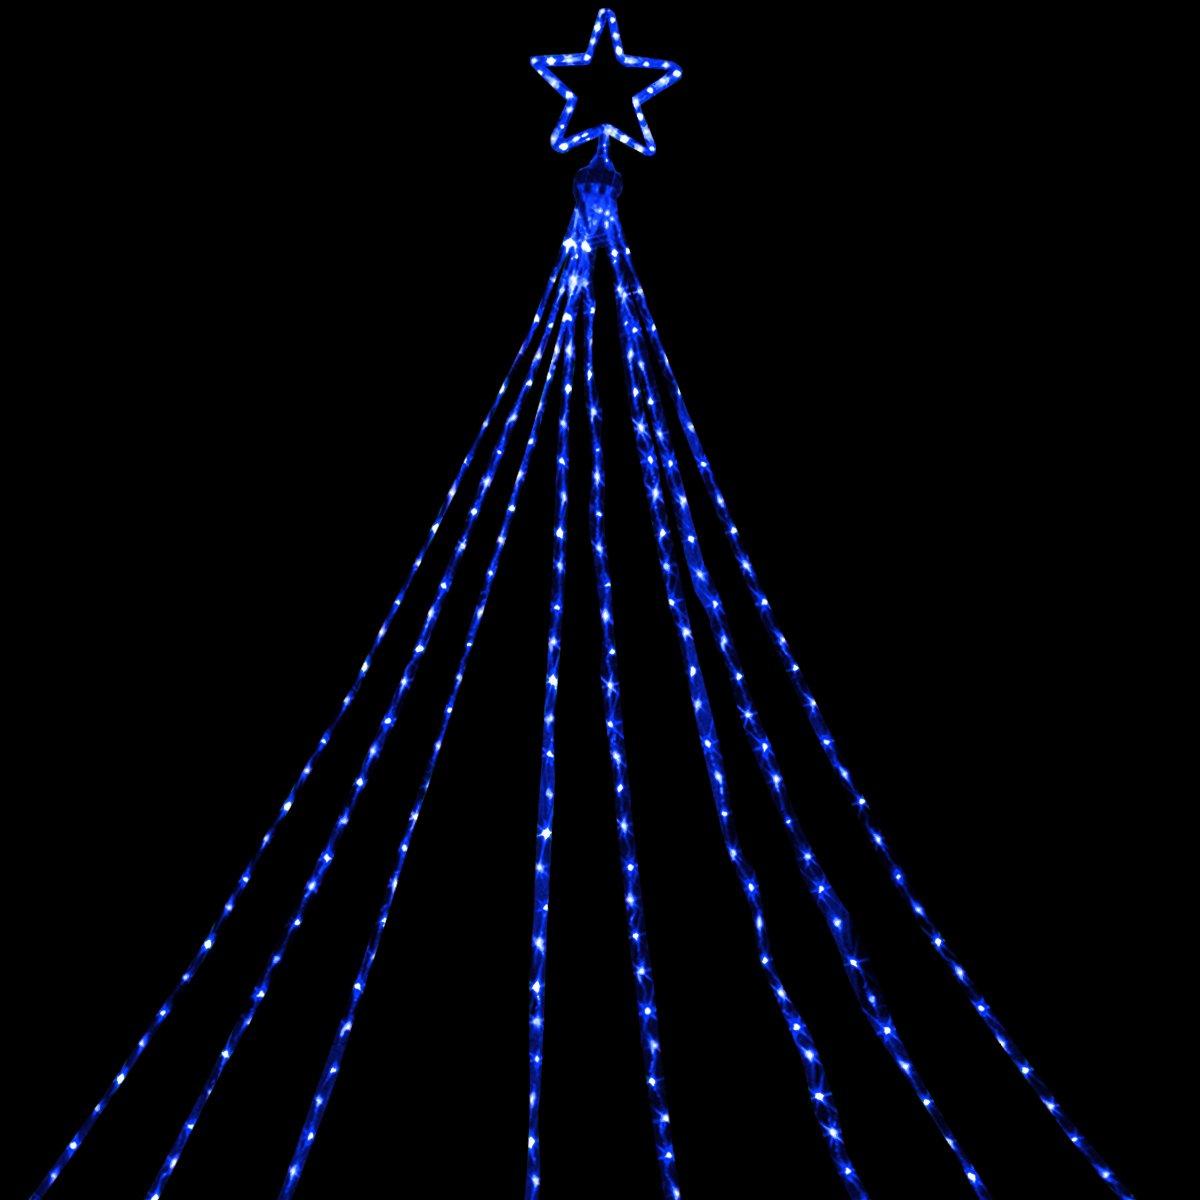 電光ホーム イルミネーション ドレープライト 5m×8本 (ブルー) B01N02QA9U 21384  ブルー